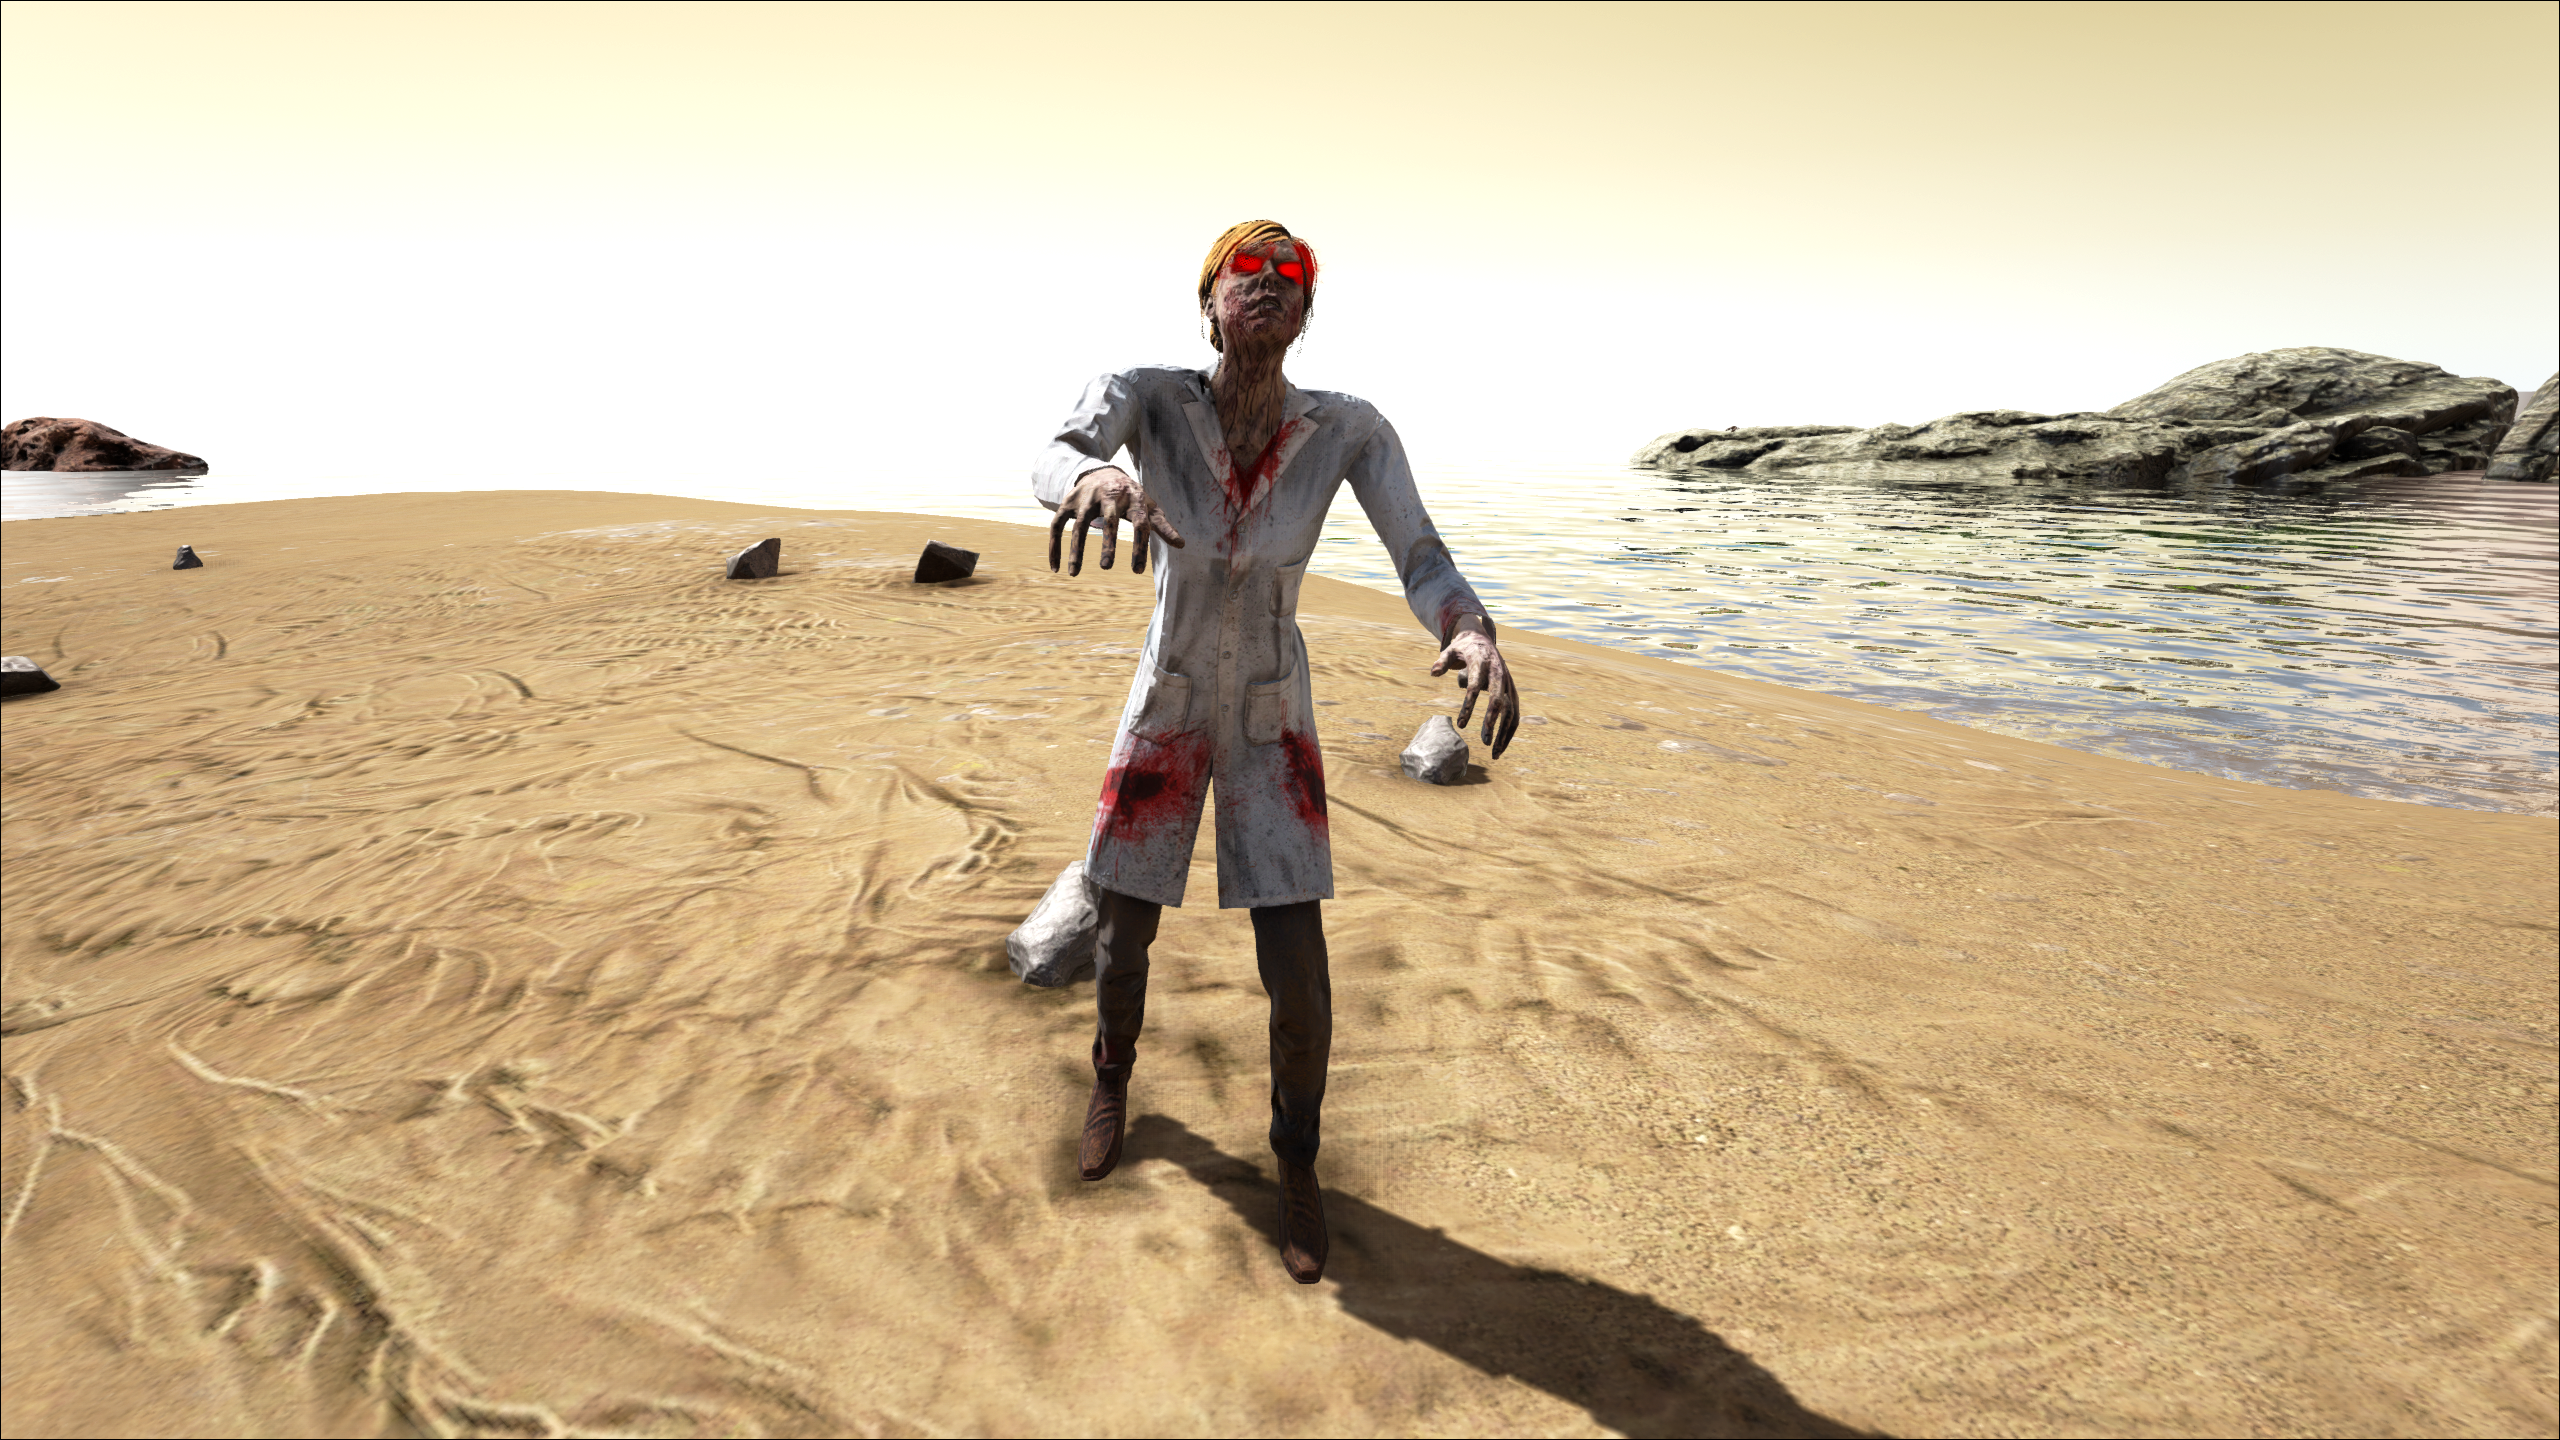 A zombie scientist roams the beach